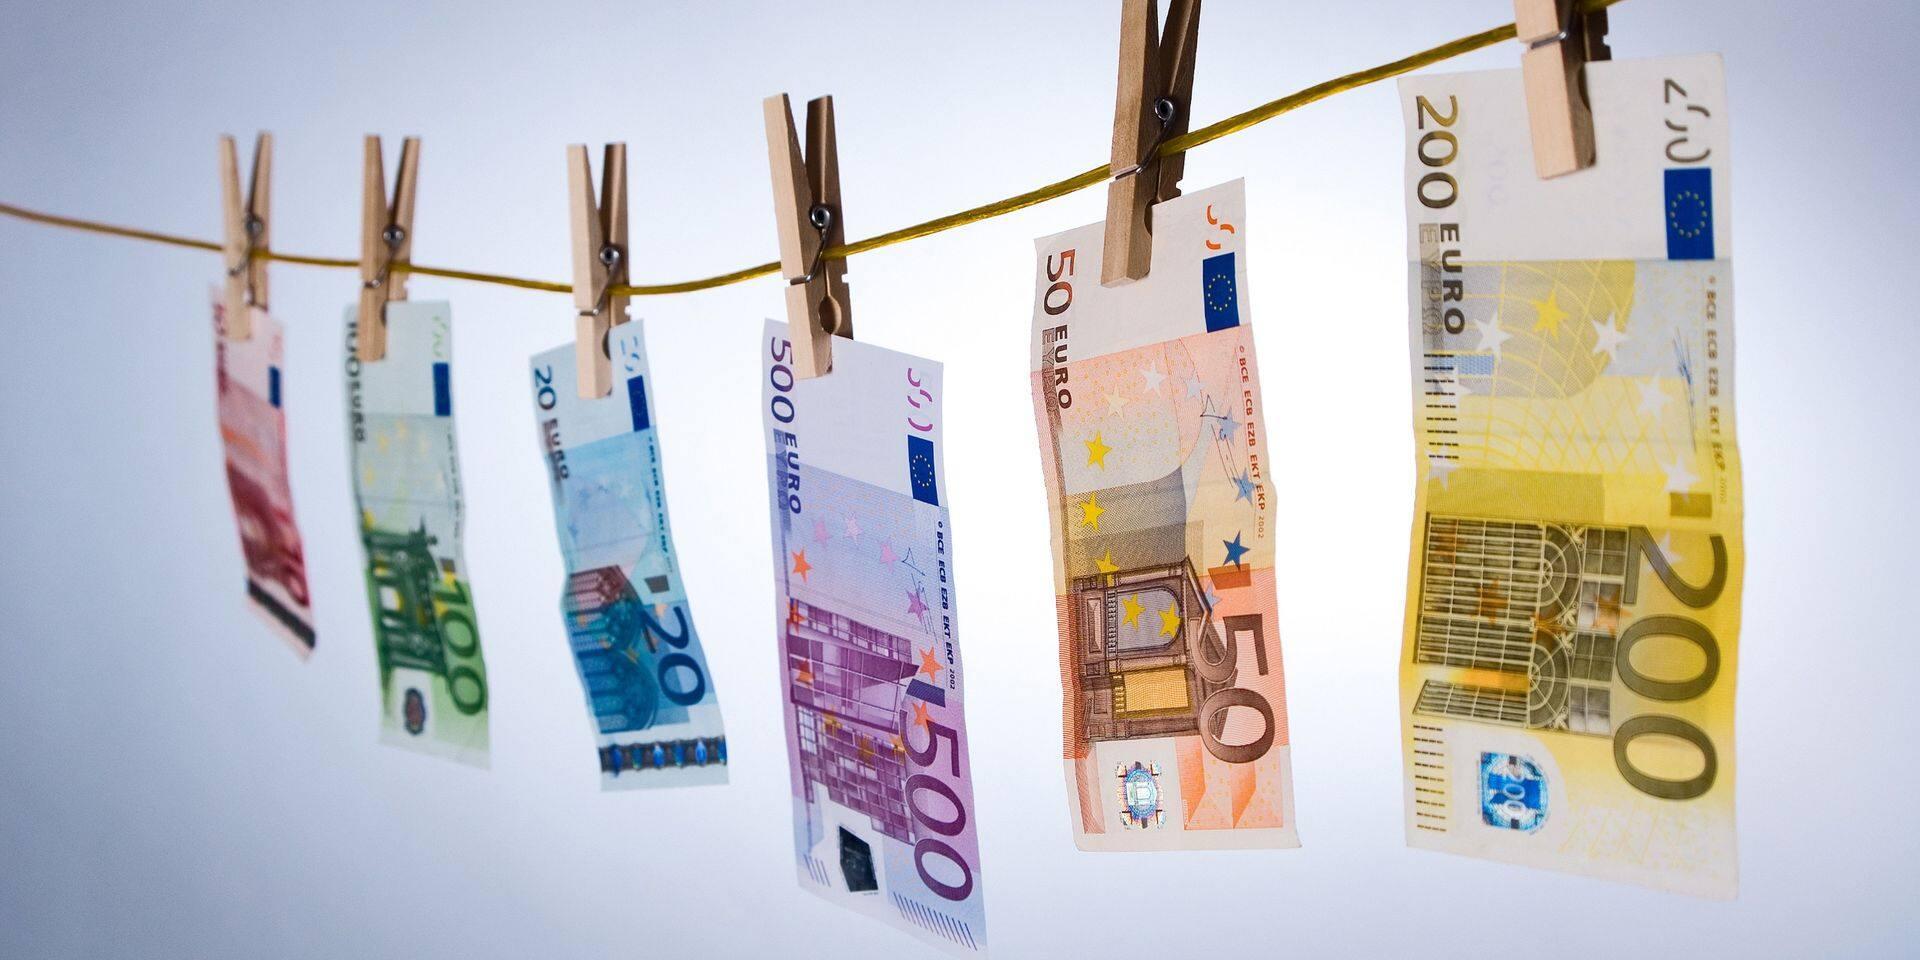 Plus de 40 milliards d'euros d'argent noir ont été rapatriés en Belgique